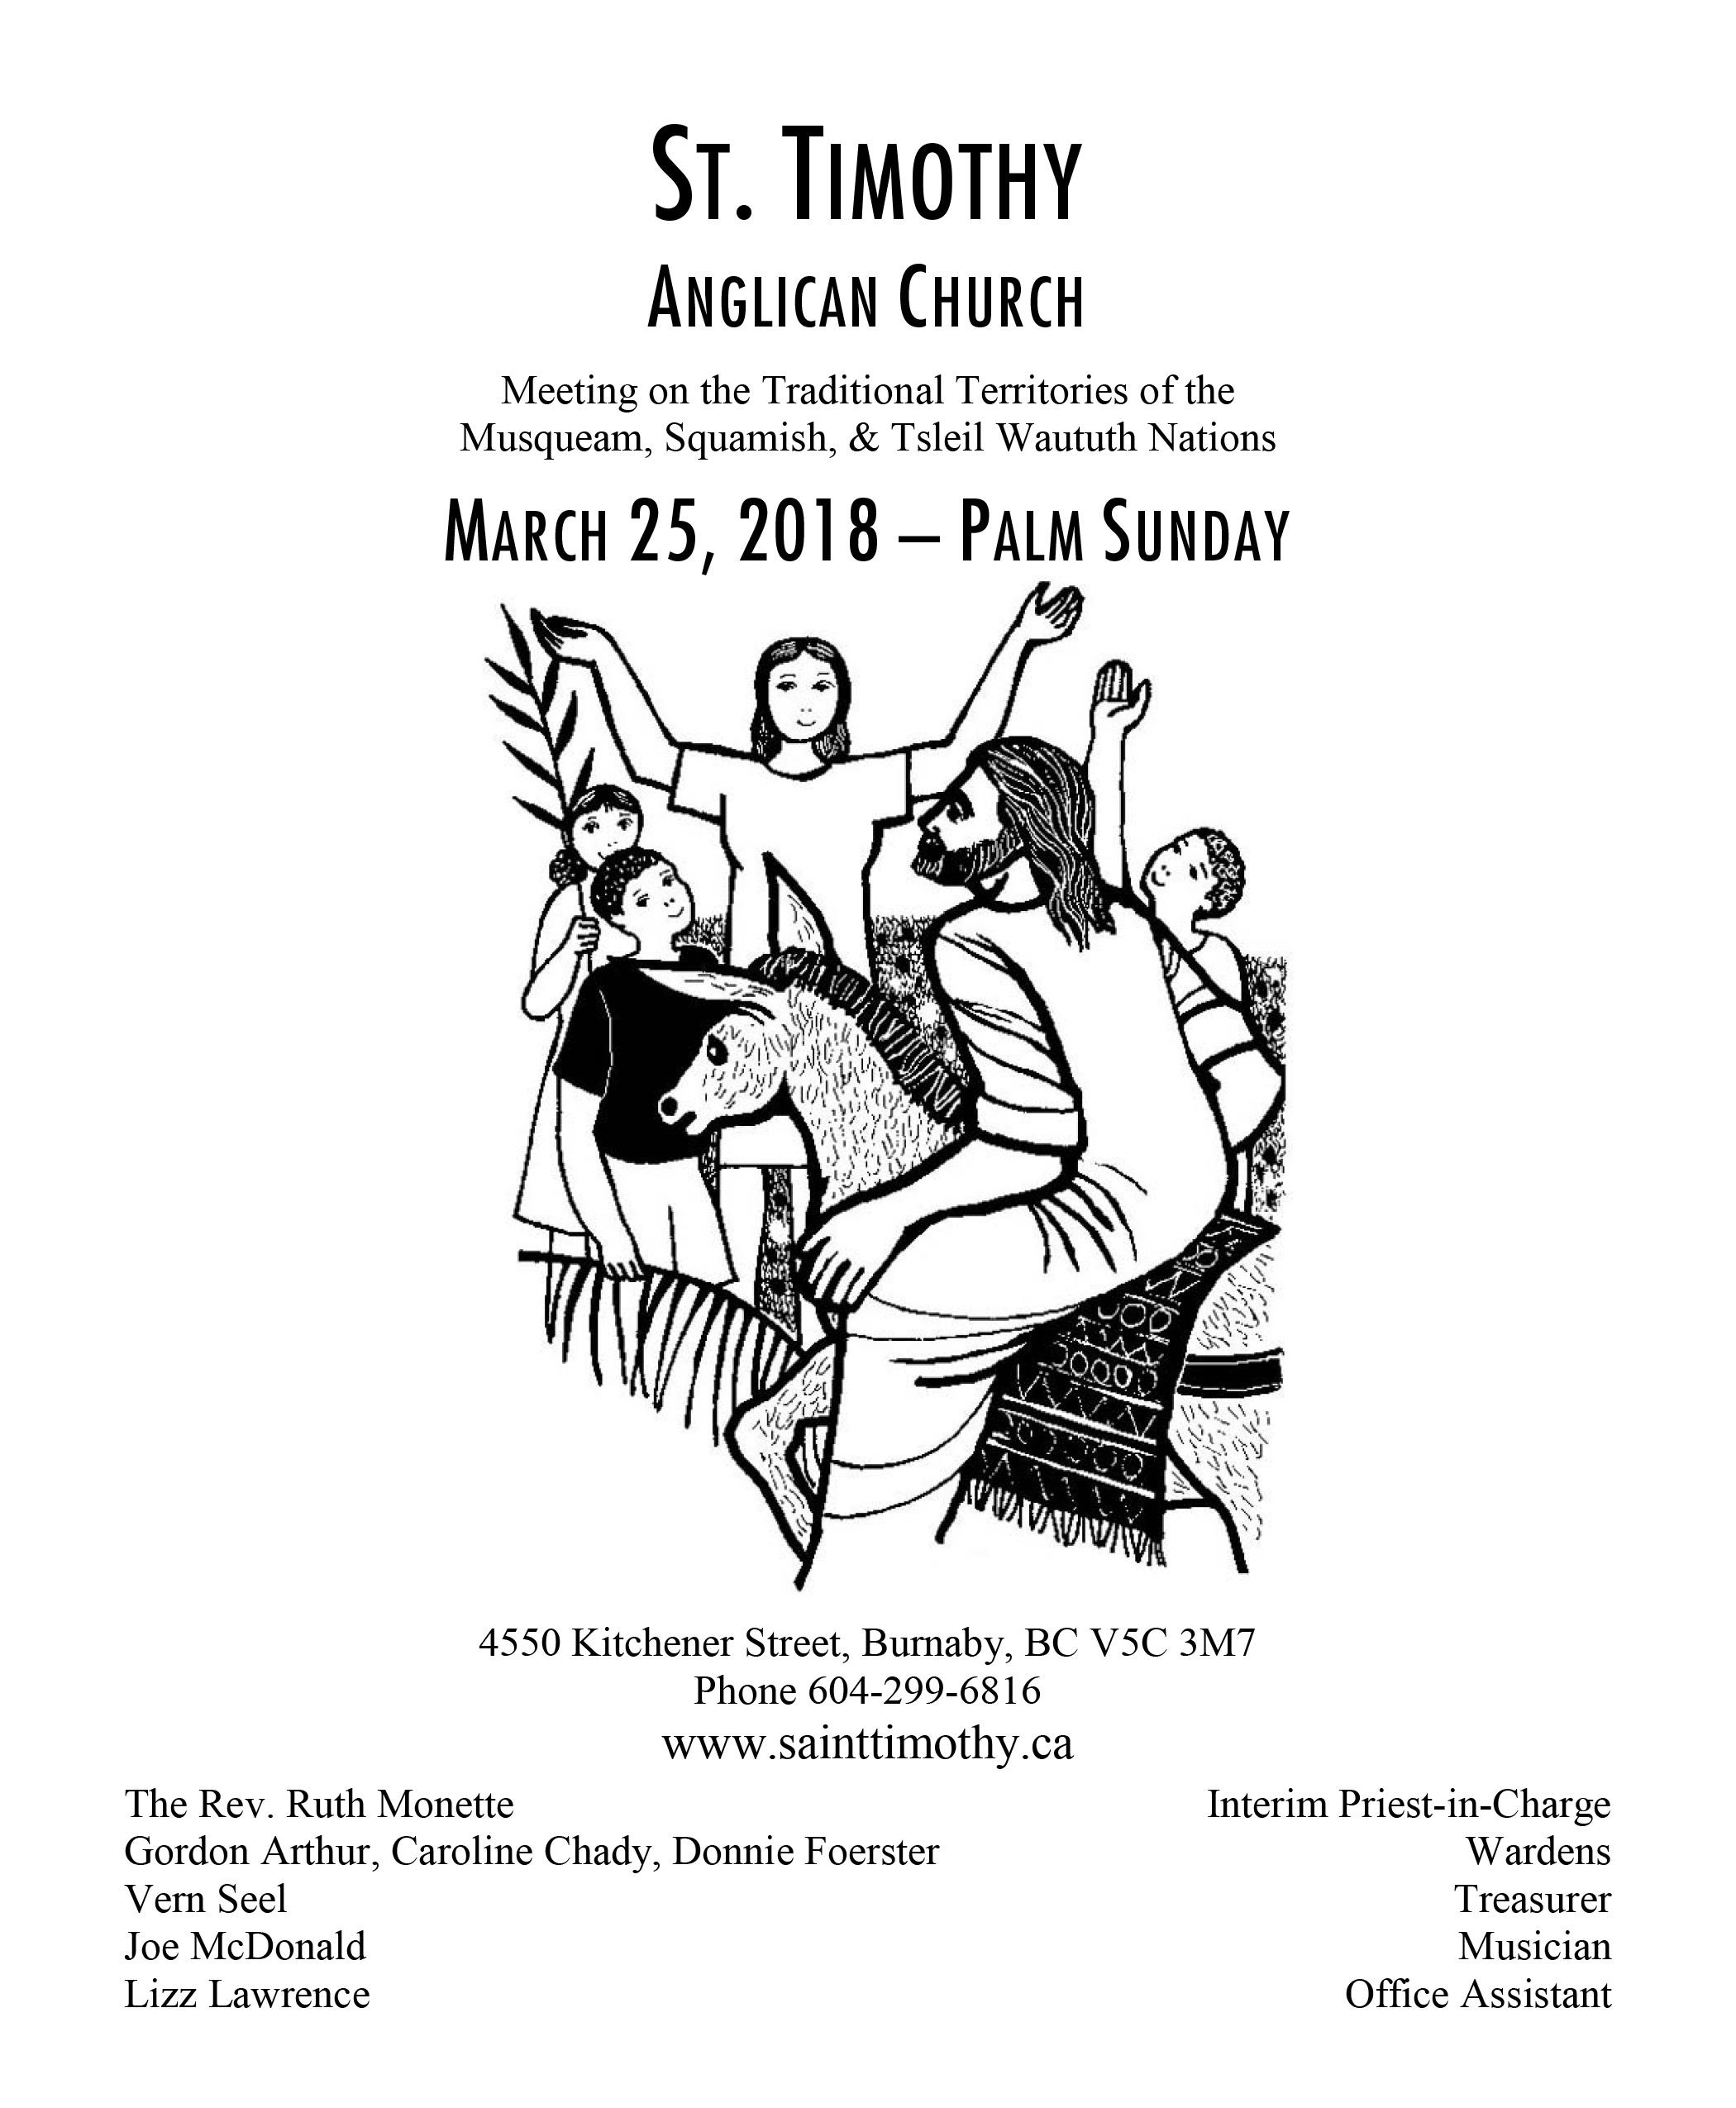 Bulletin: March 25, 2018